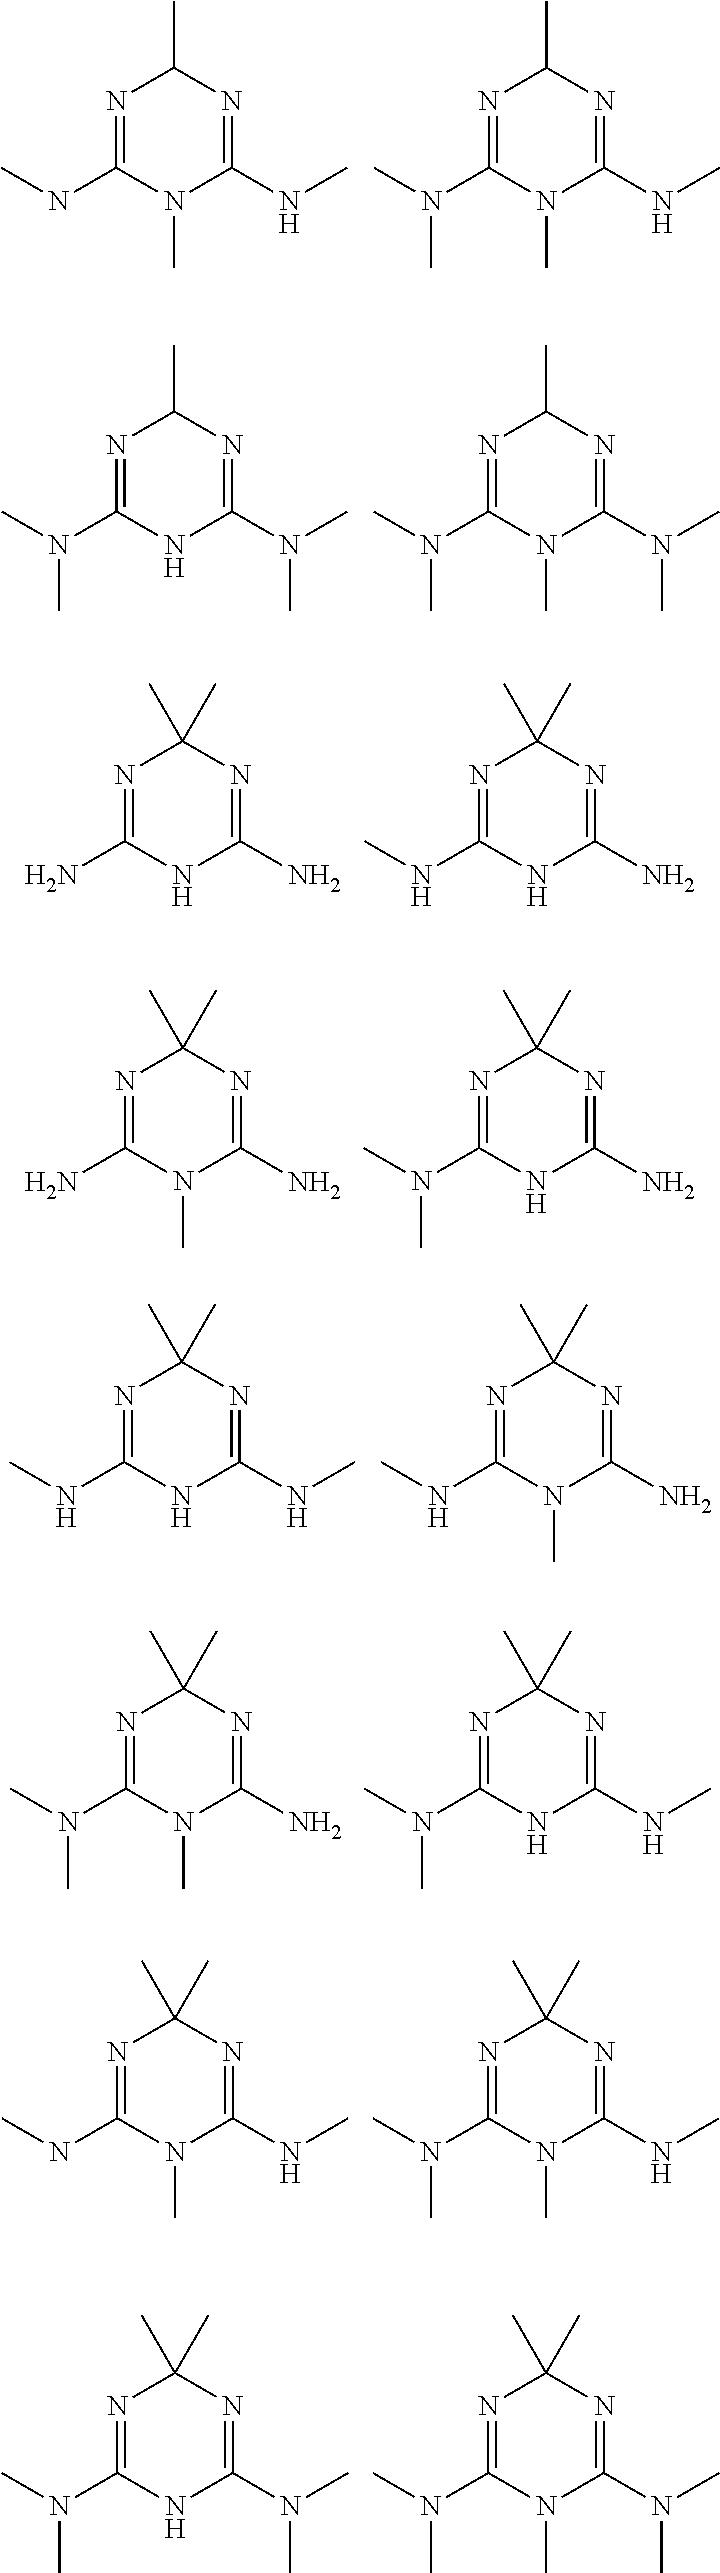 Figure US09480663-20161101-C00162